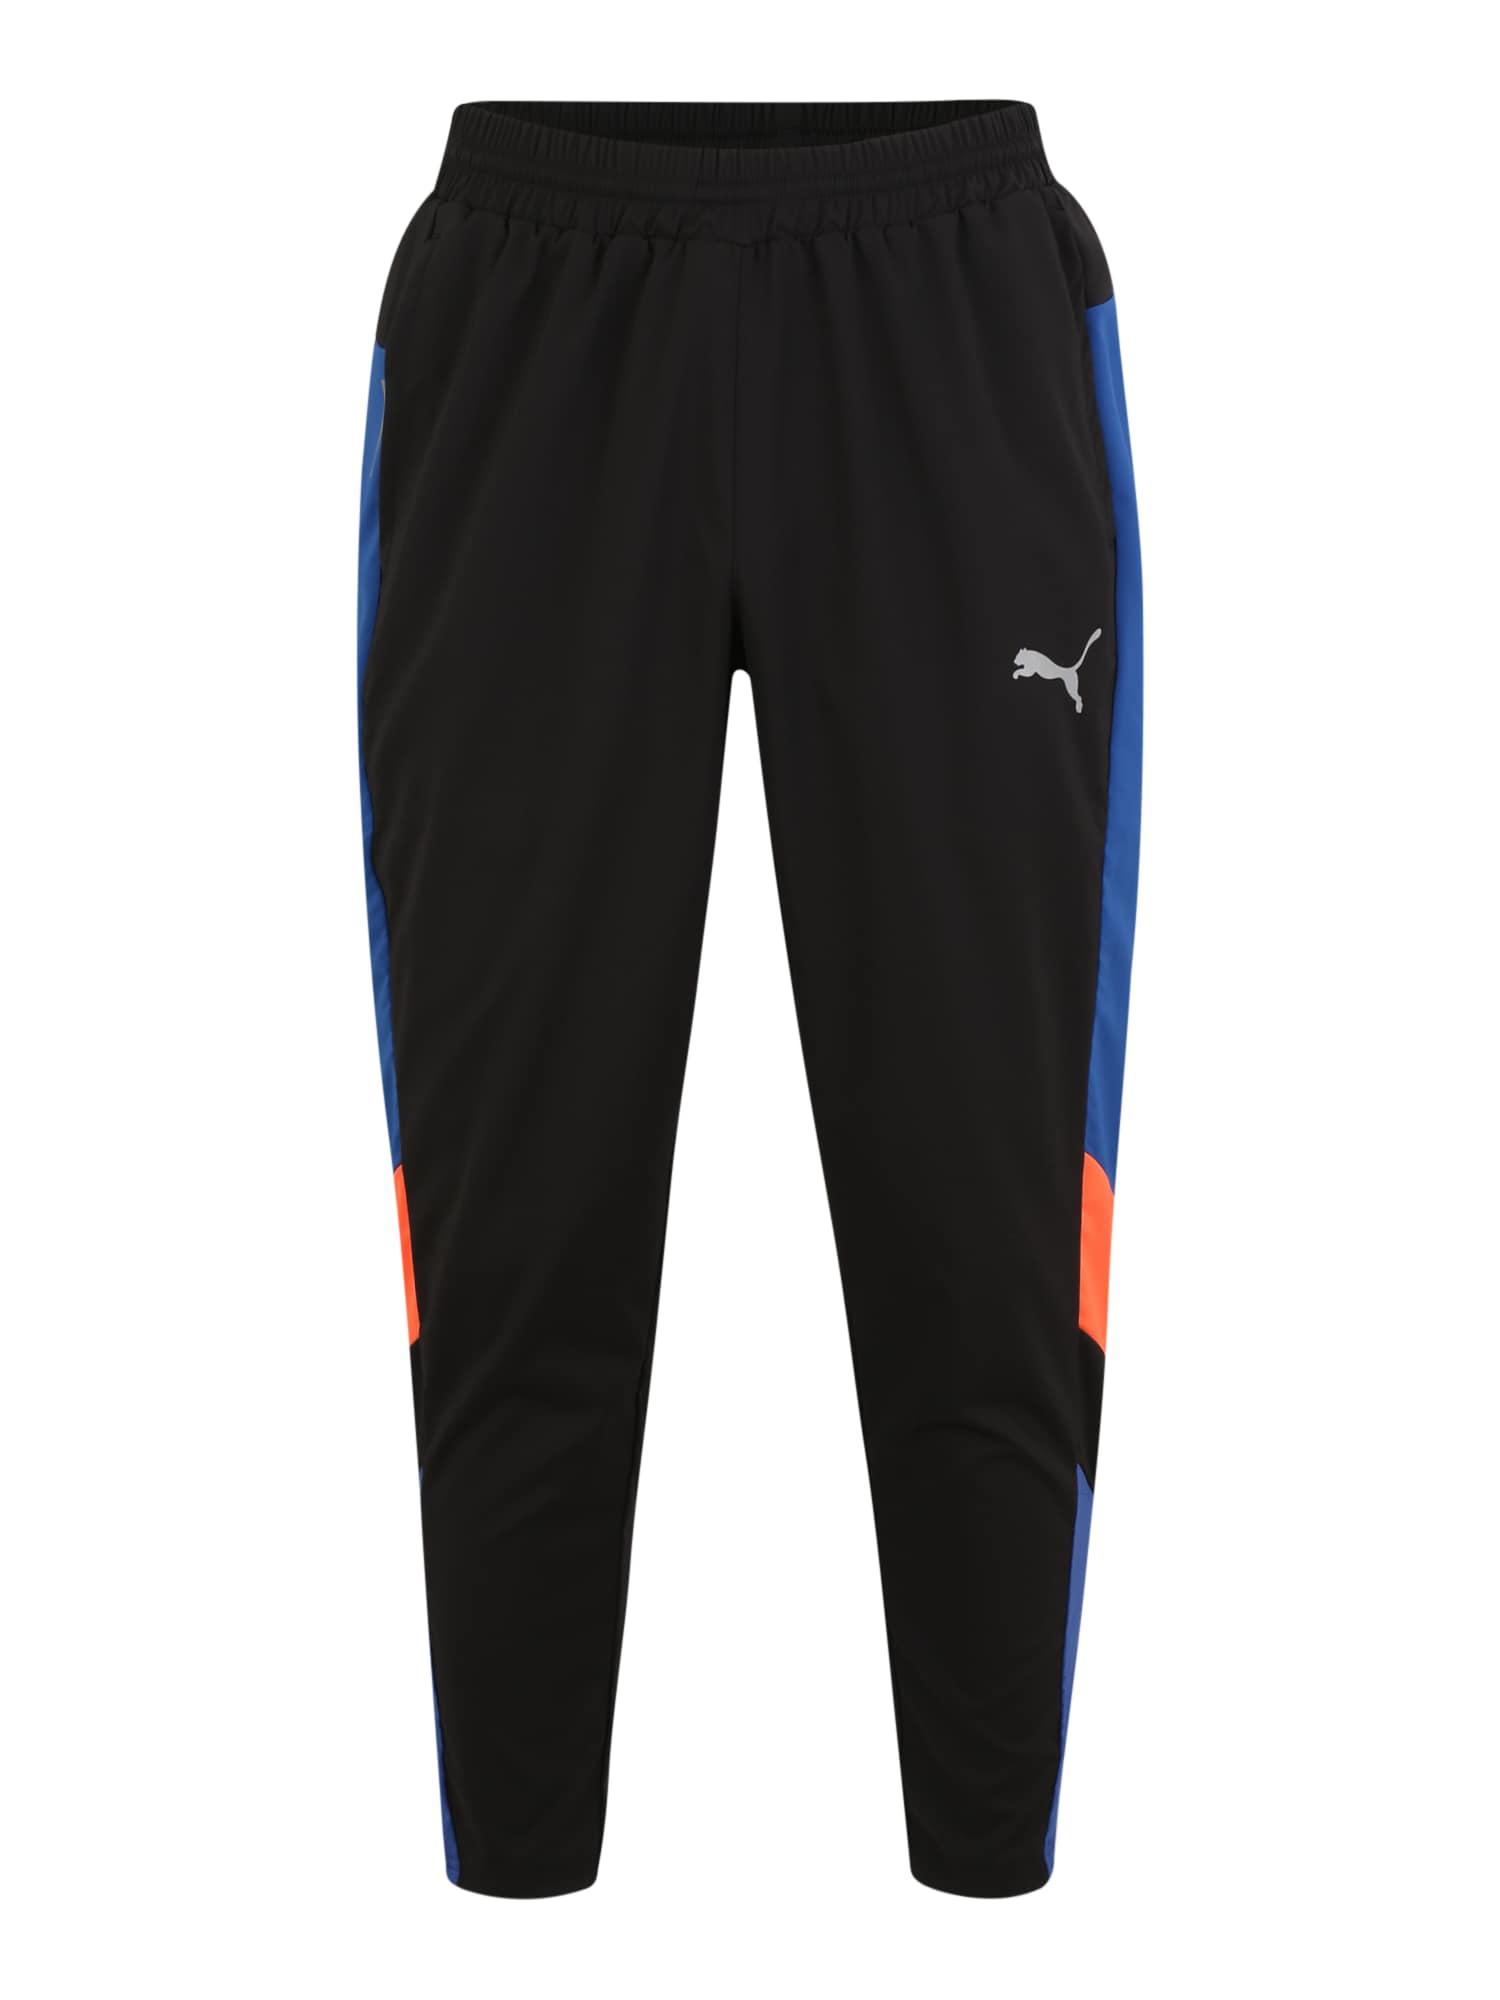 Sportovní kalhoty Reactive Packable modrá červená černá PUMA